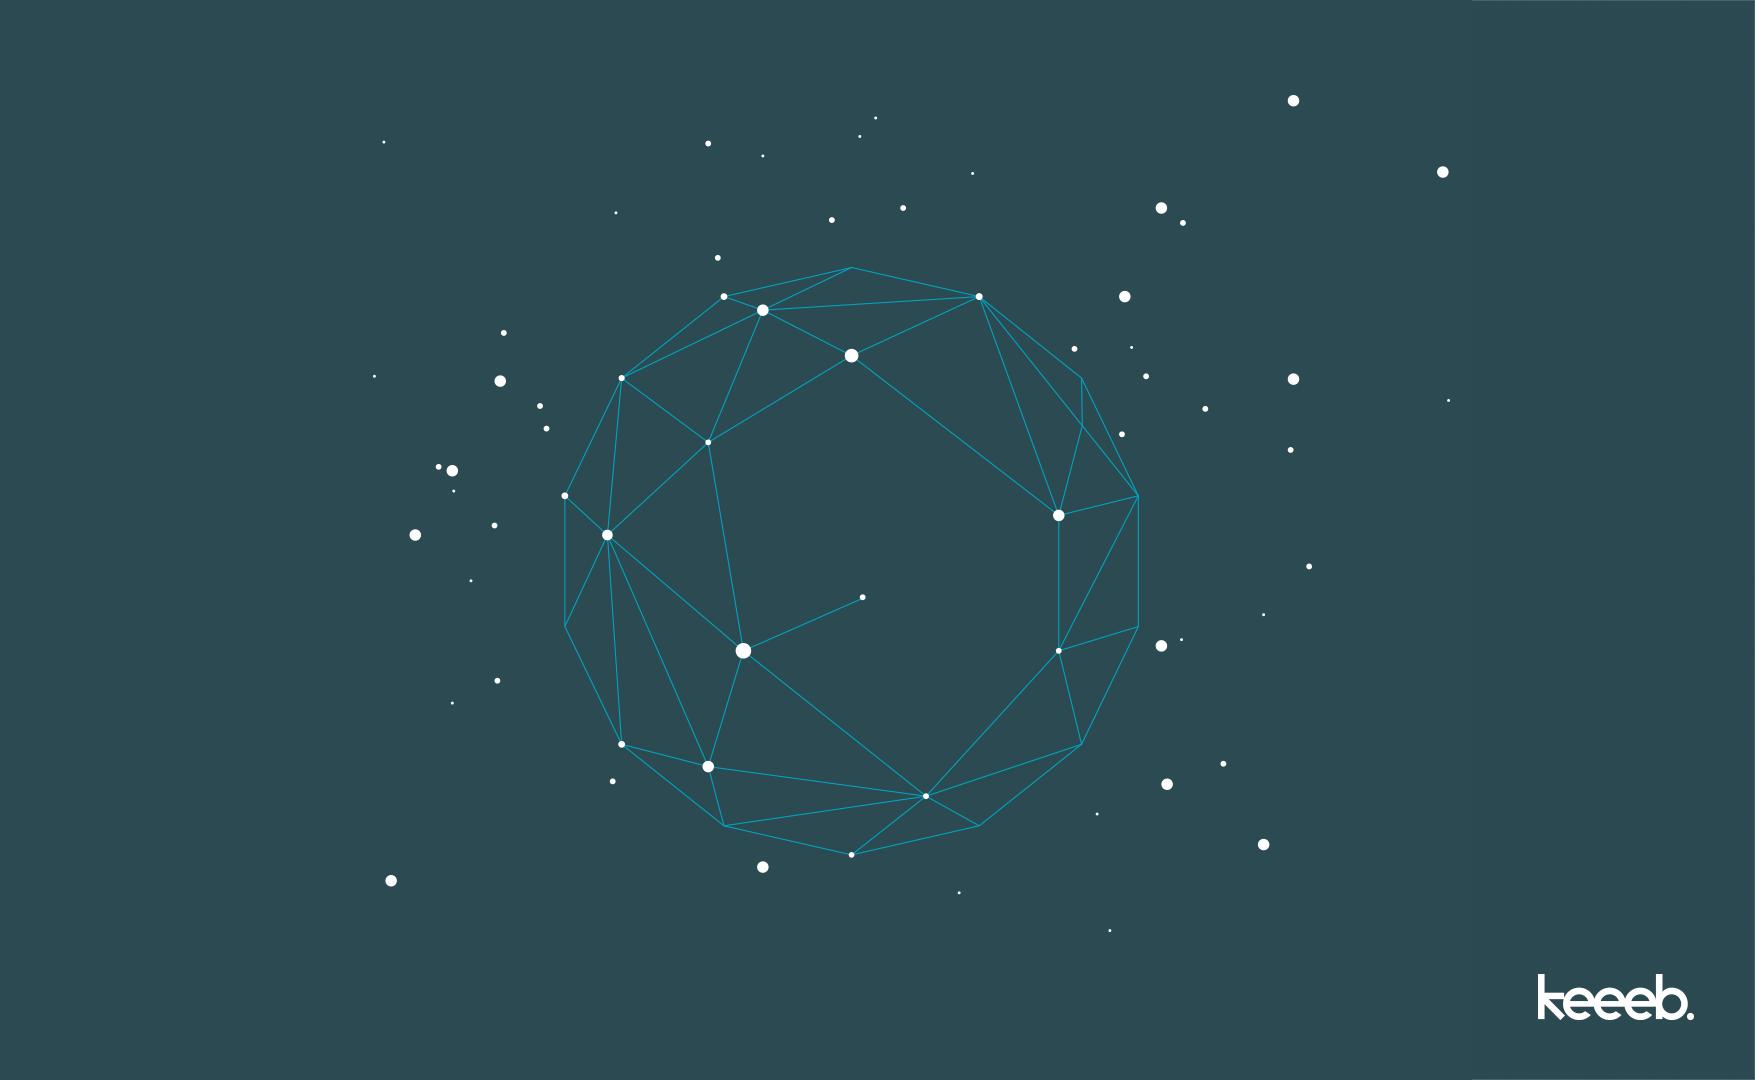 keeeb-identity-lines-dots-1